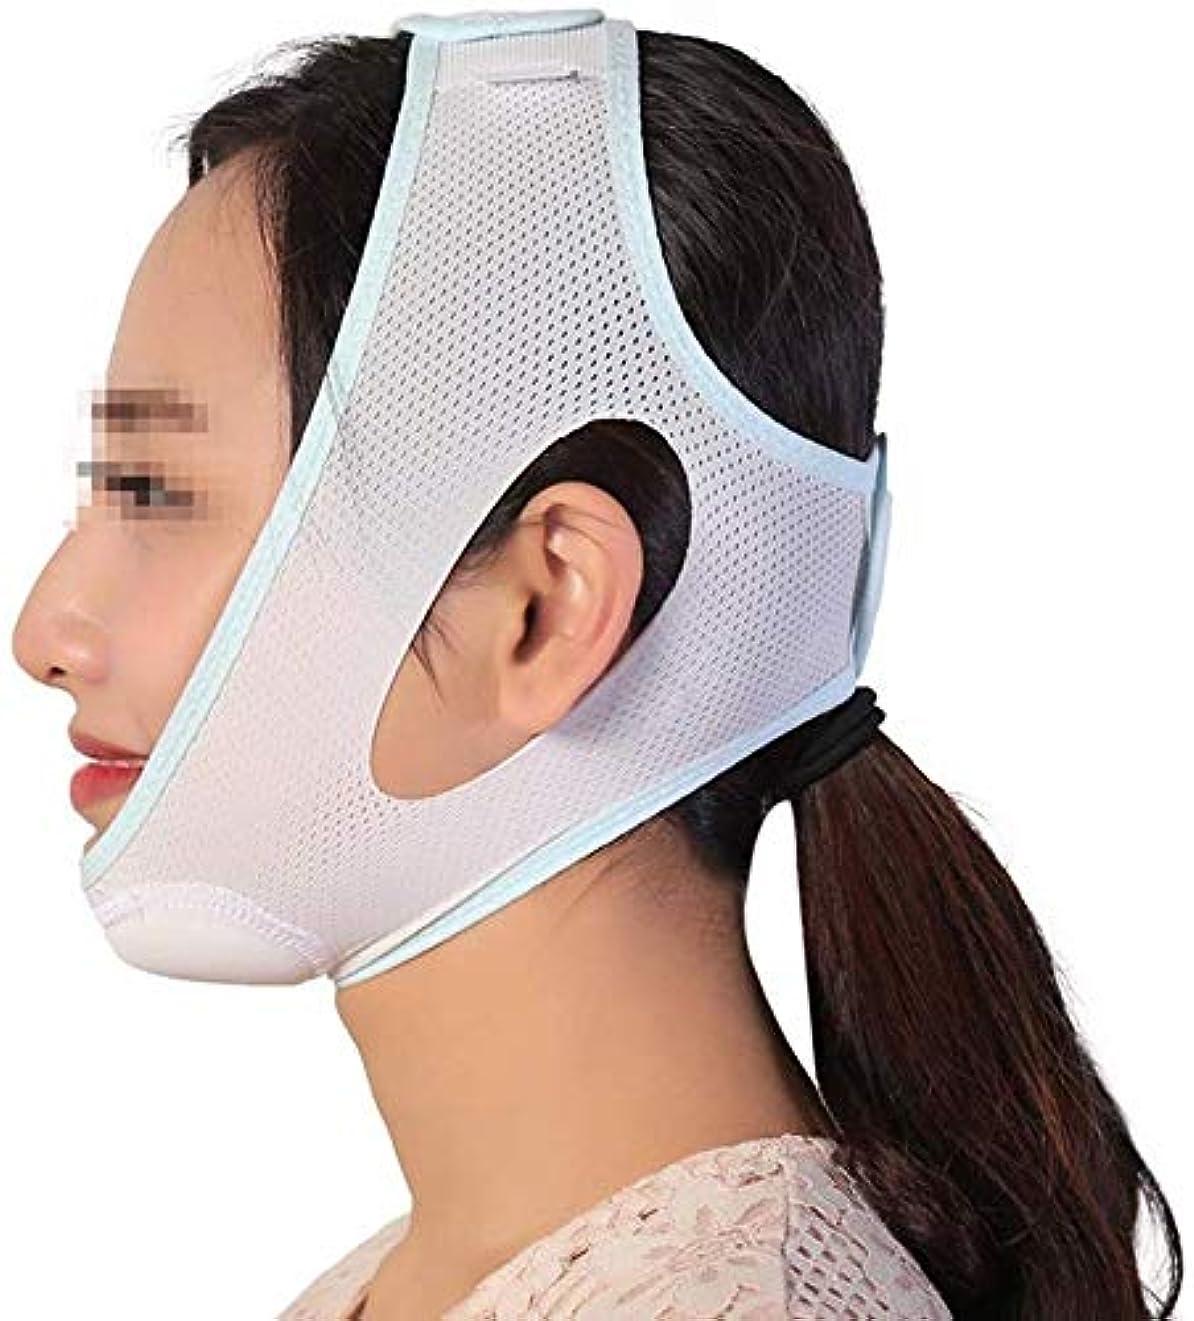 安息悔い改める再生可能Slim身Vフェイスマスク、顔を持ち上げる包帯、小さなV顔美容マスクリフト顔筋肉包帯プラスチックお楽しみストラップ(サイズ:M)